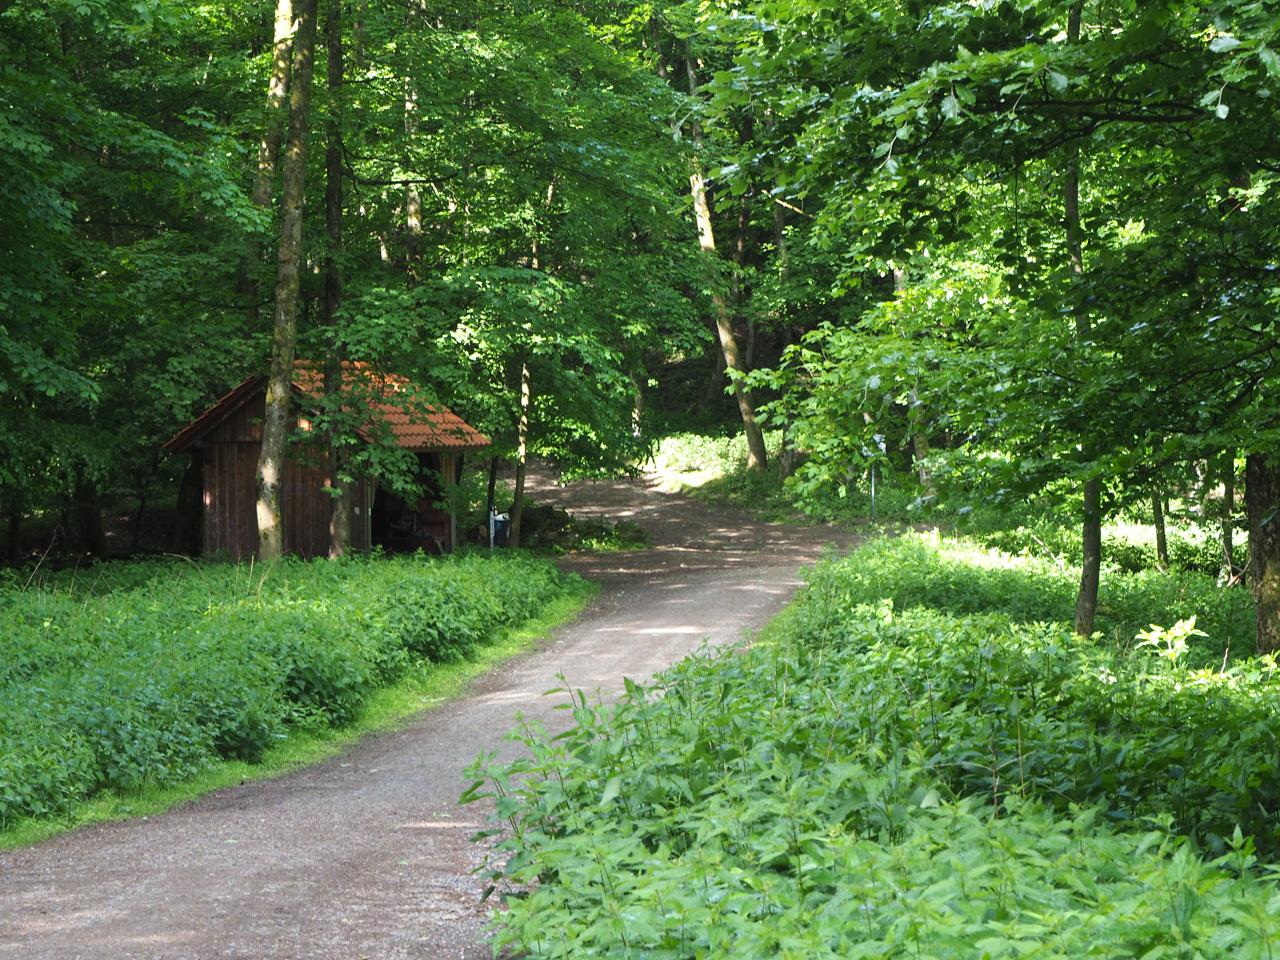 dan volgt een lange afdaling door een prachtig bos